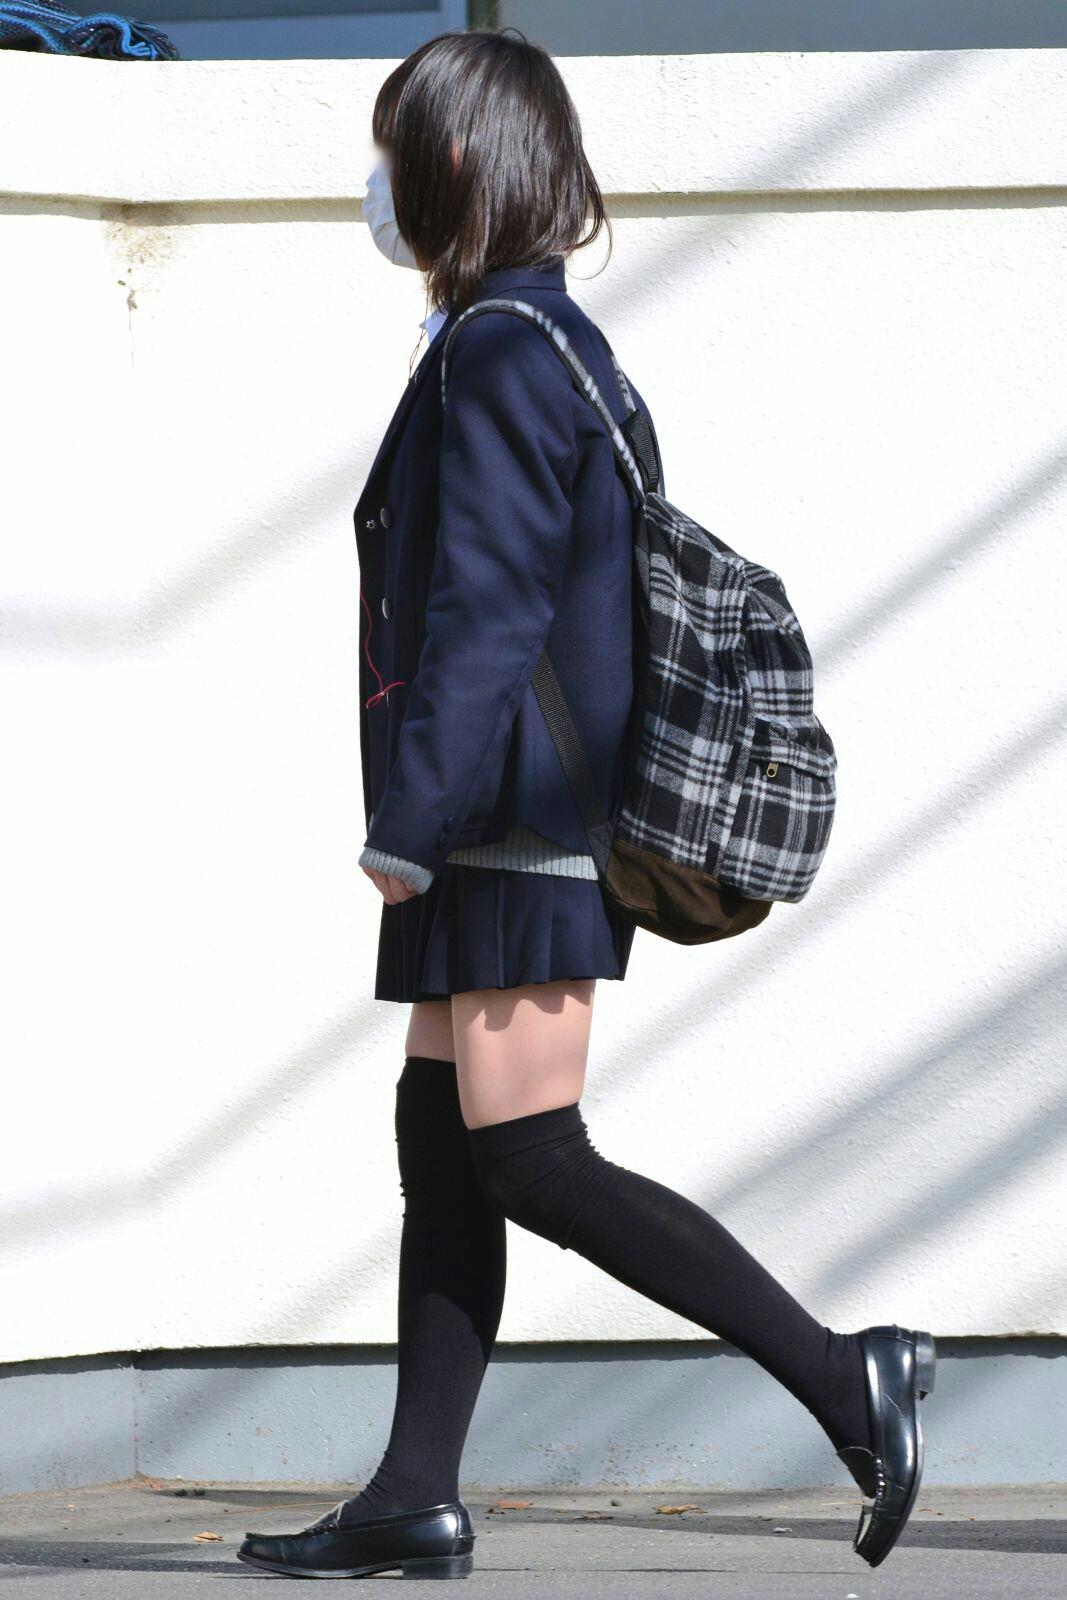 女子高生のニーハイと太もものコントラストがだいすきwwwww 5IdxFWf